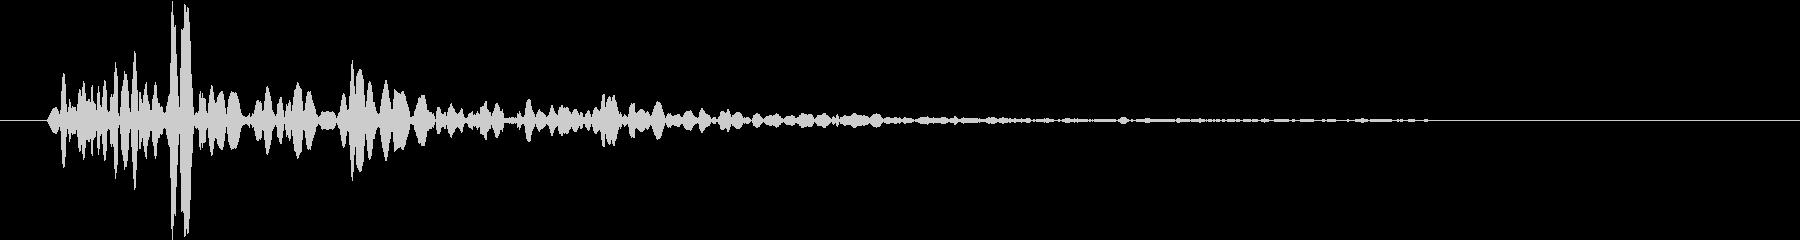 【生録音】野球 キャッチボールの音 3の未再生の波形